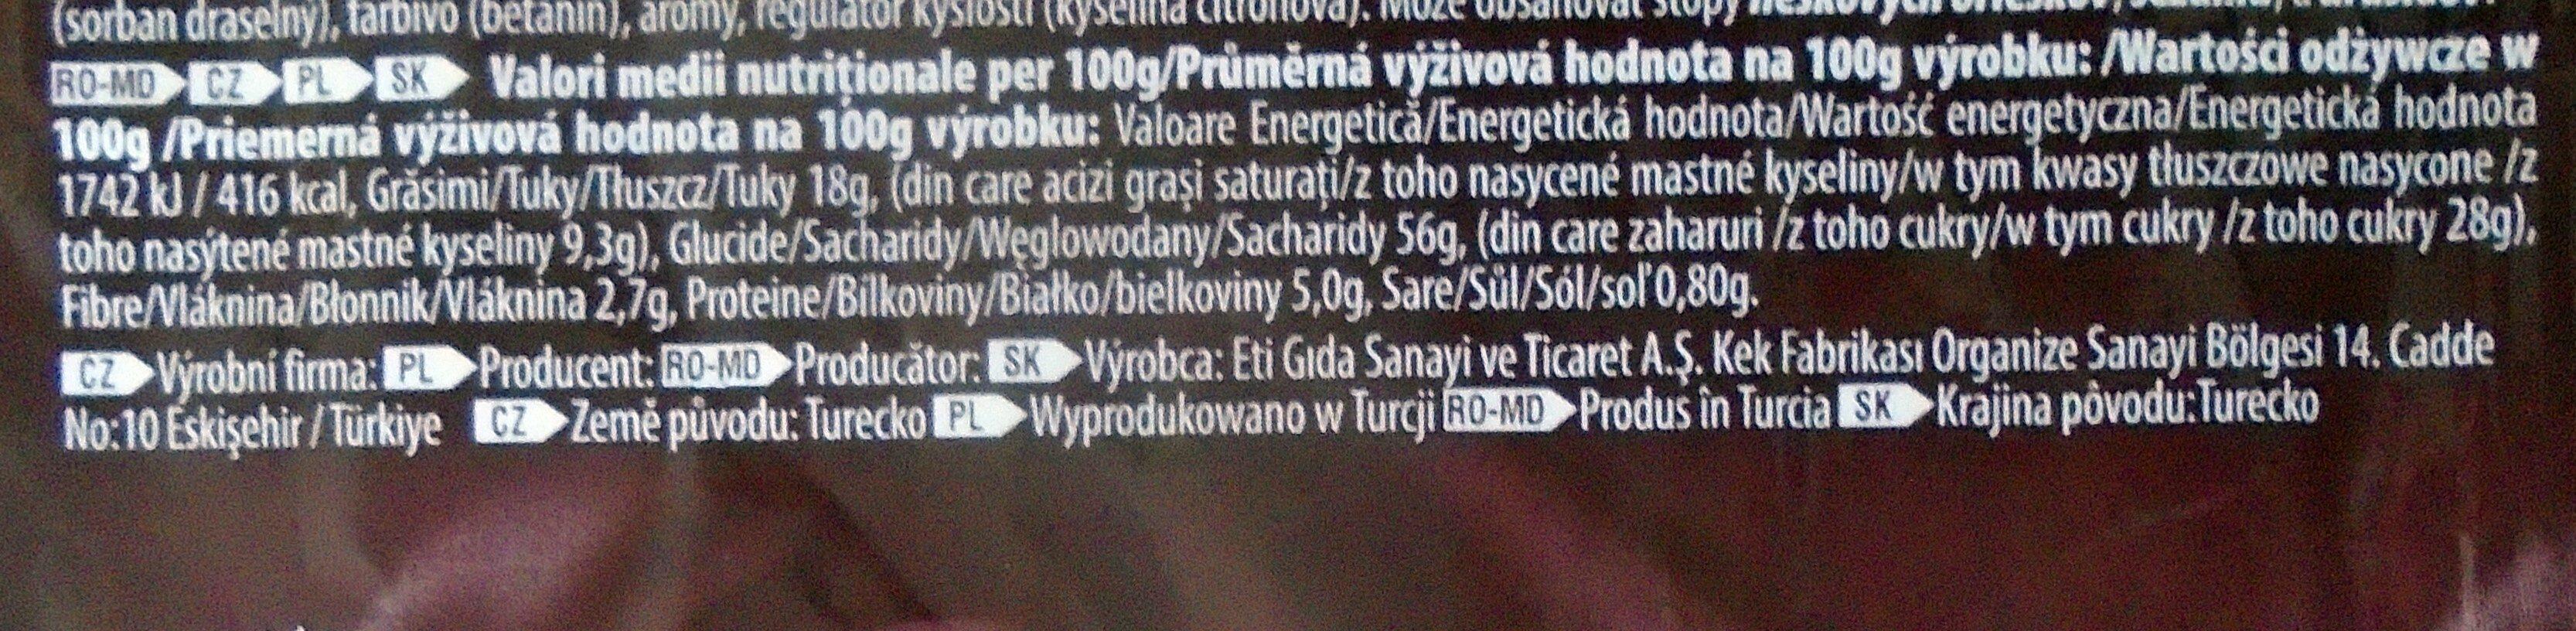 Adicto Go Prăjitură cu cremă de capșuni - Wartości odżywcze - pl